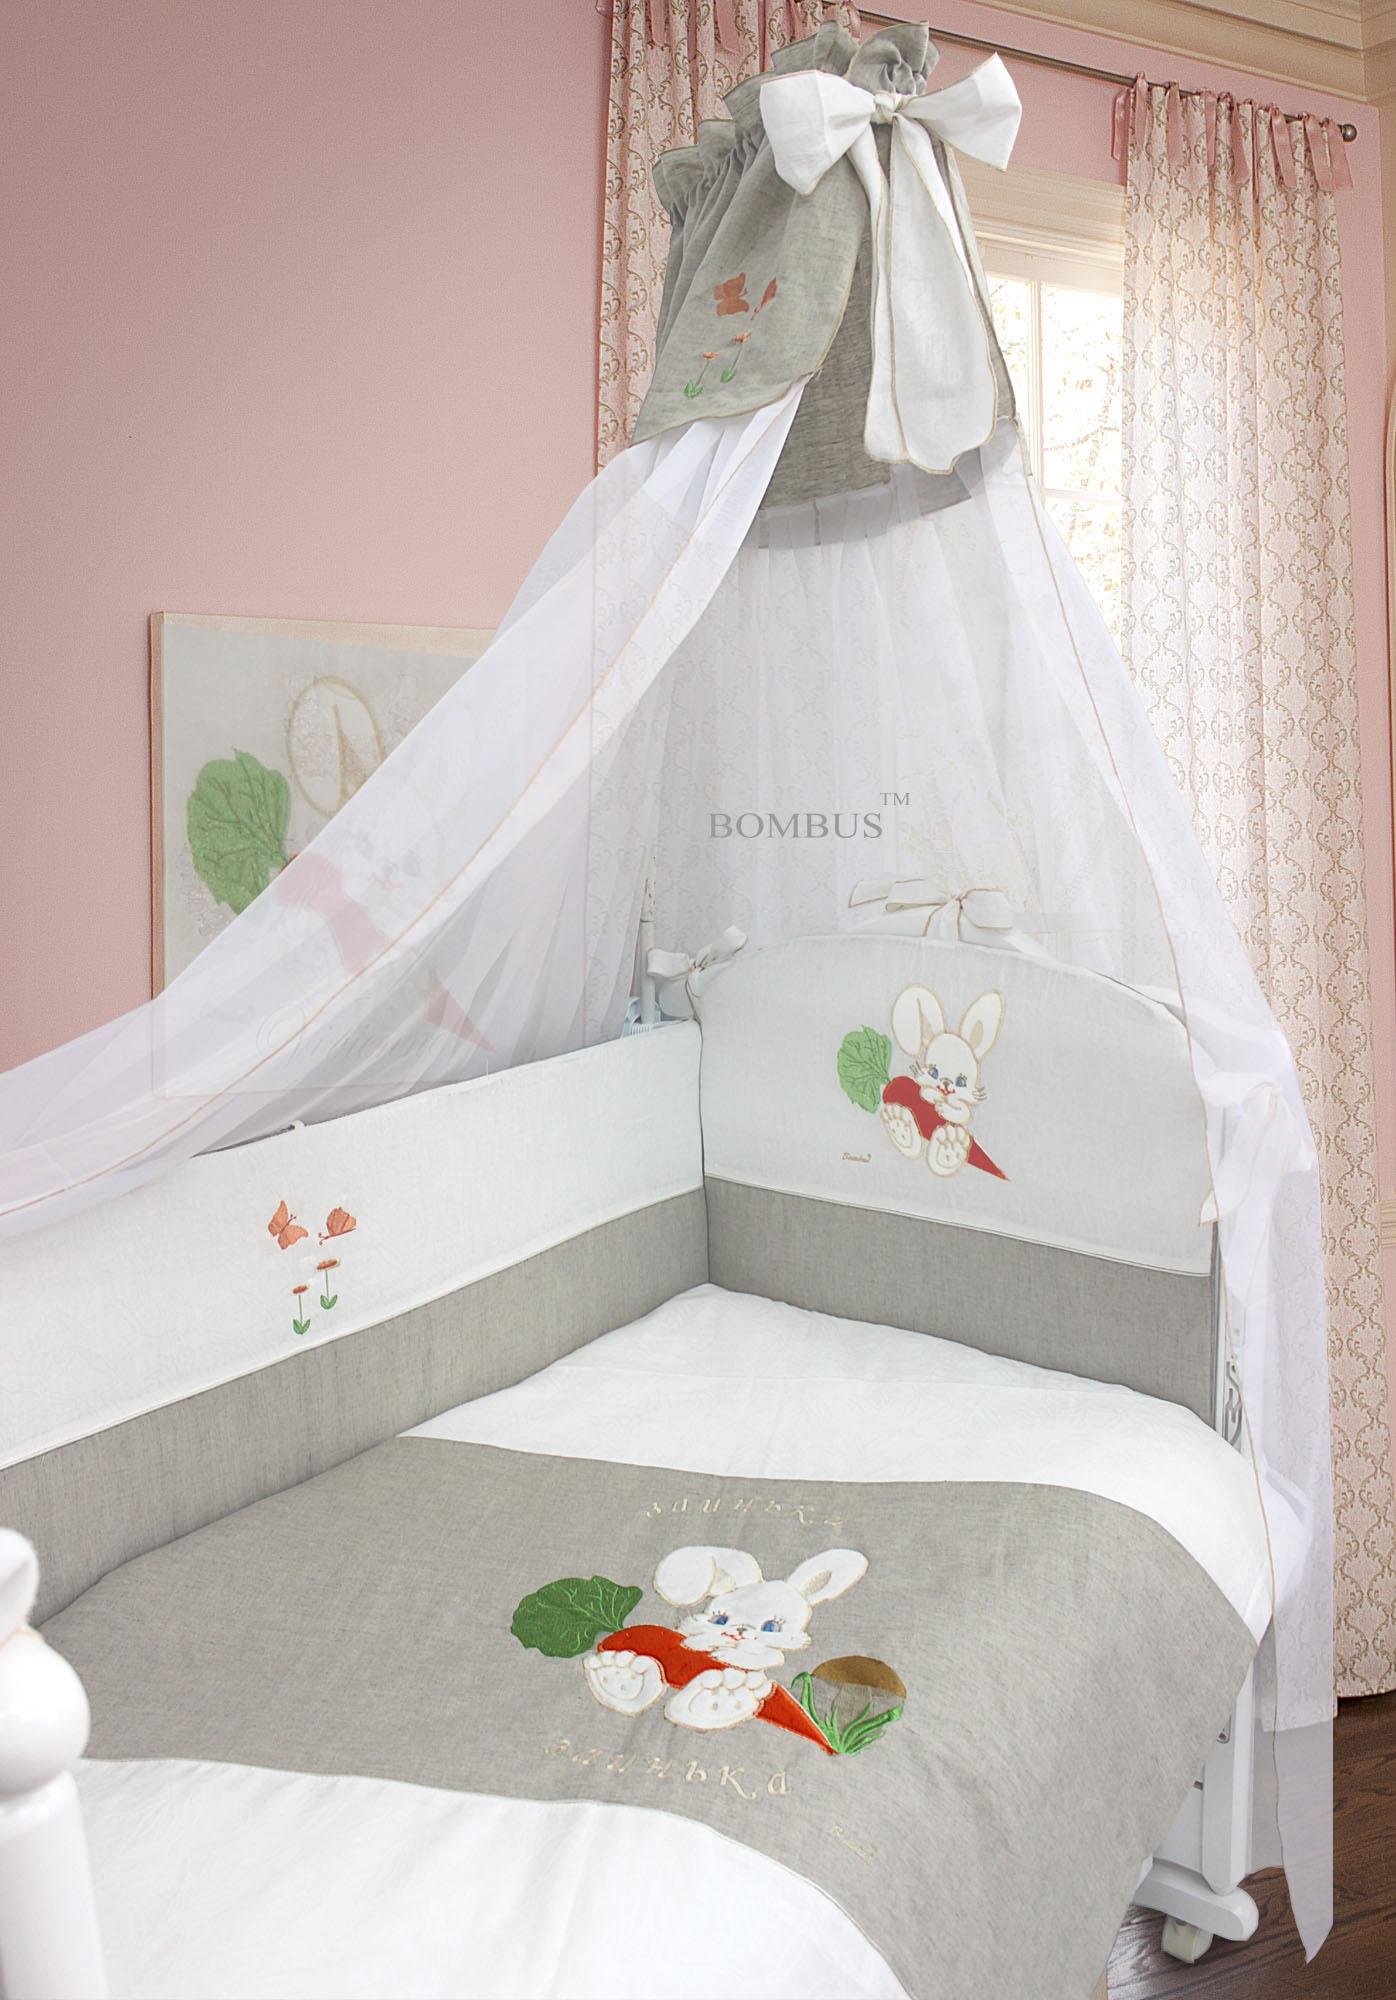 картинка Комплект в кроватку - Зайка, льняной, 7 предметов от магазина Bebikam.ru